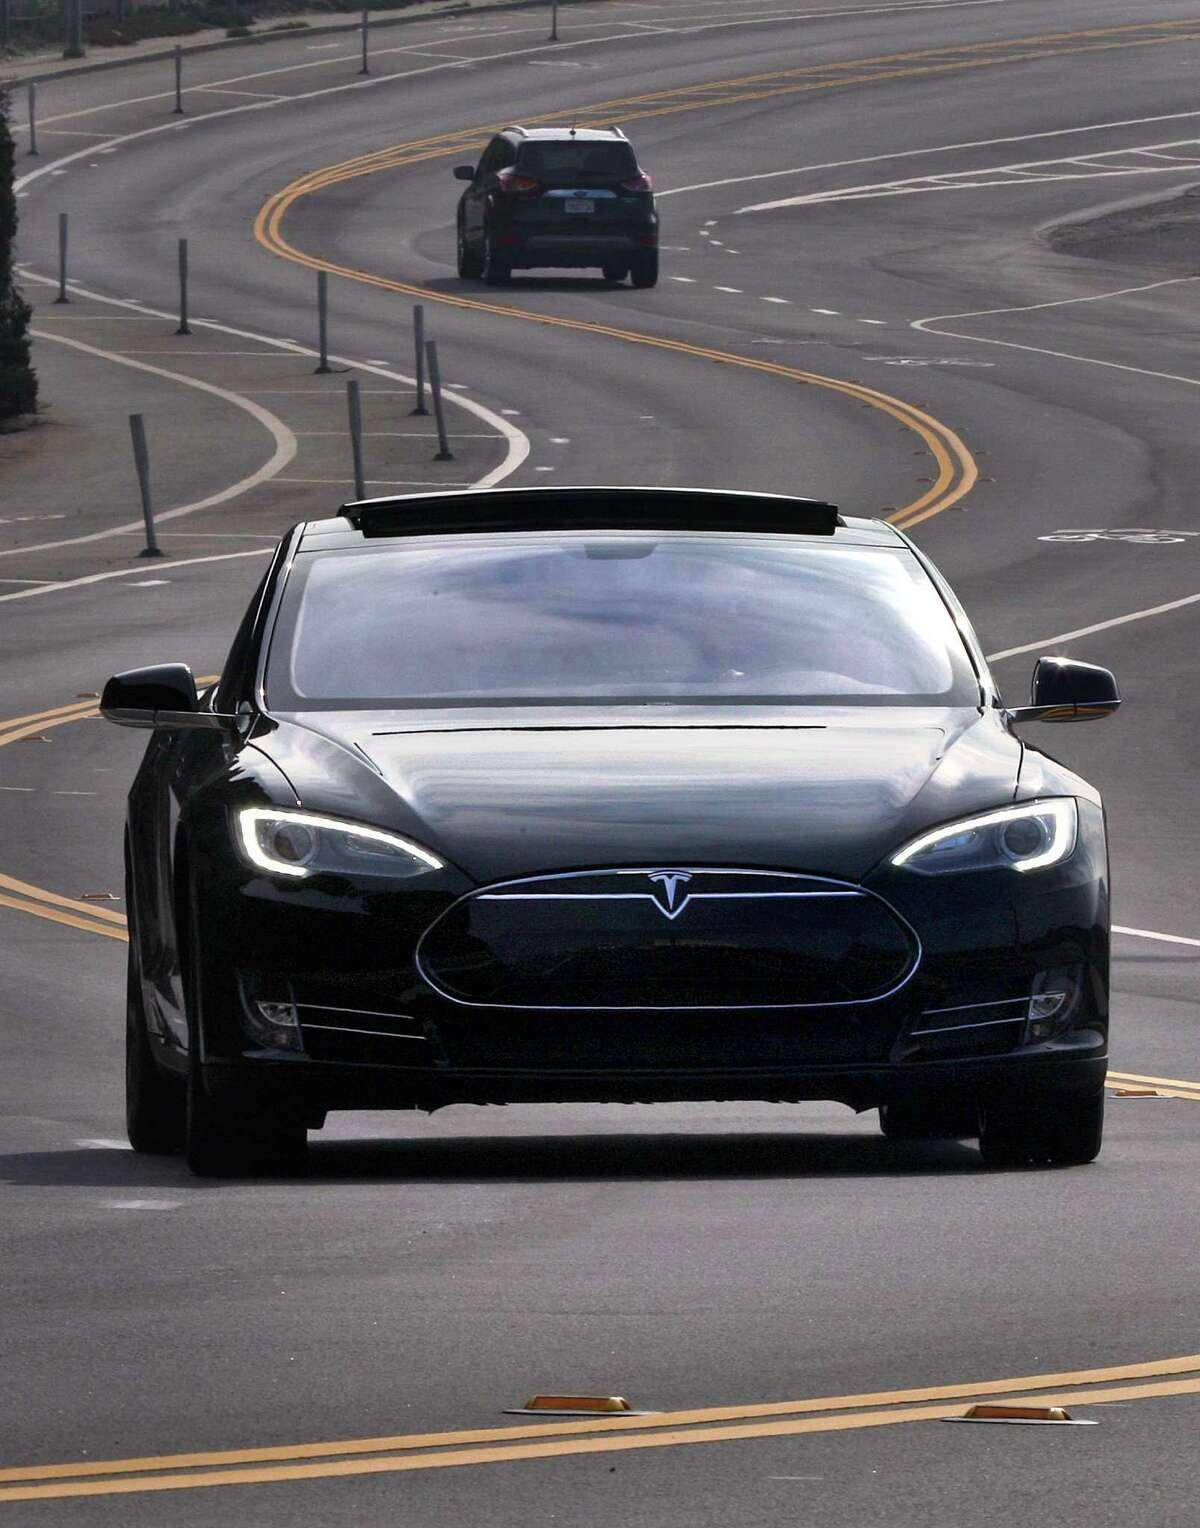 The Tesla Model S seen at Ocean Beach in San Francisco, California, on Monday, November 11, 2013.